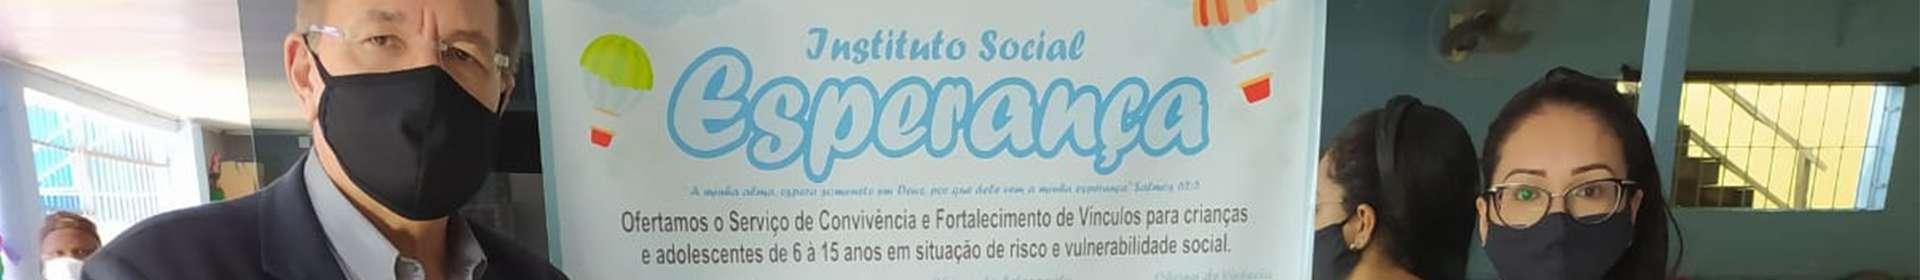 Igreja Cristã Maranata cumpre responsabilidade social por meio de doações